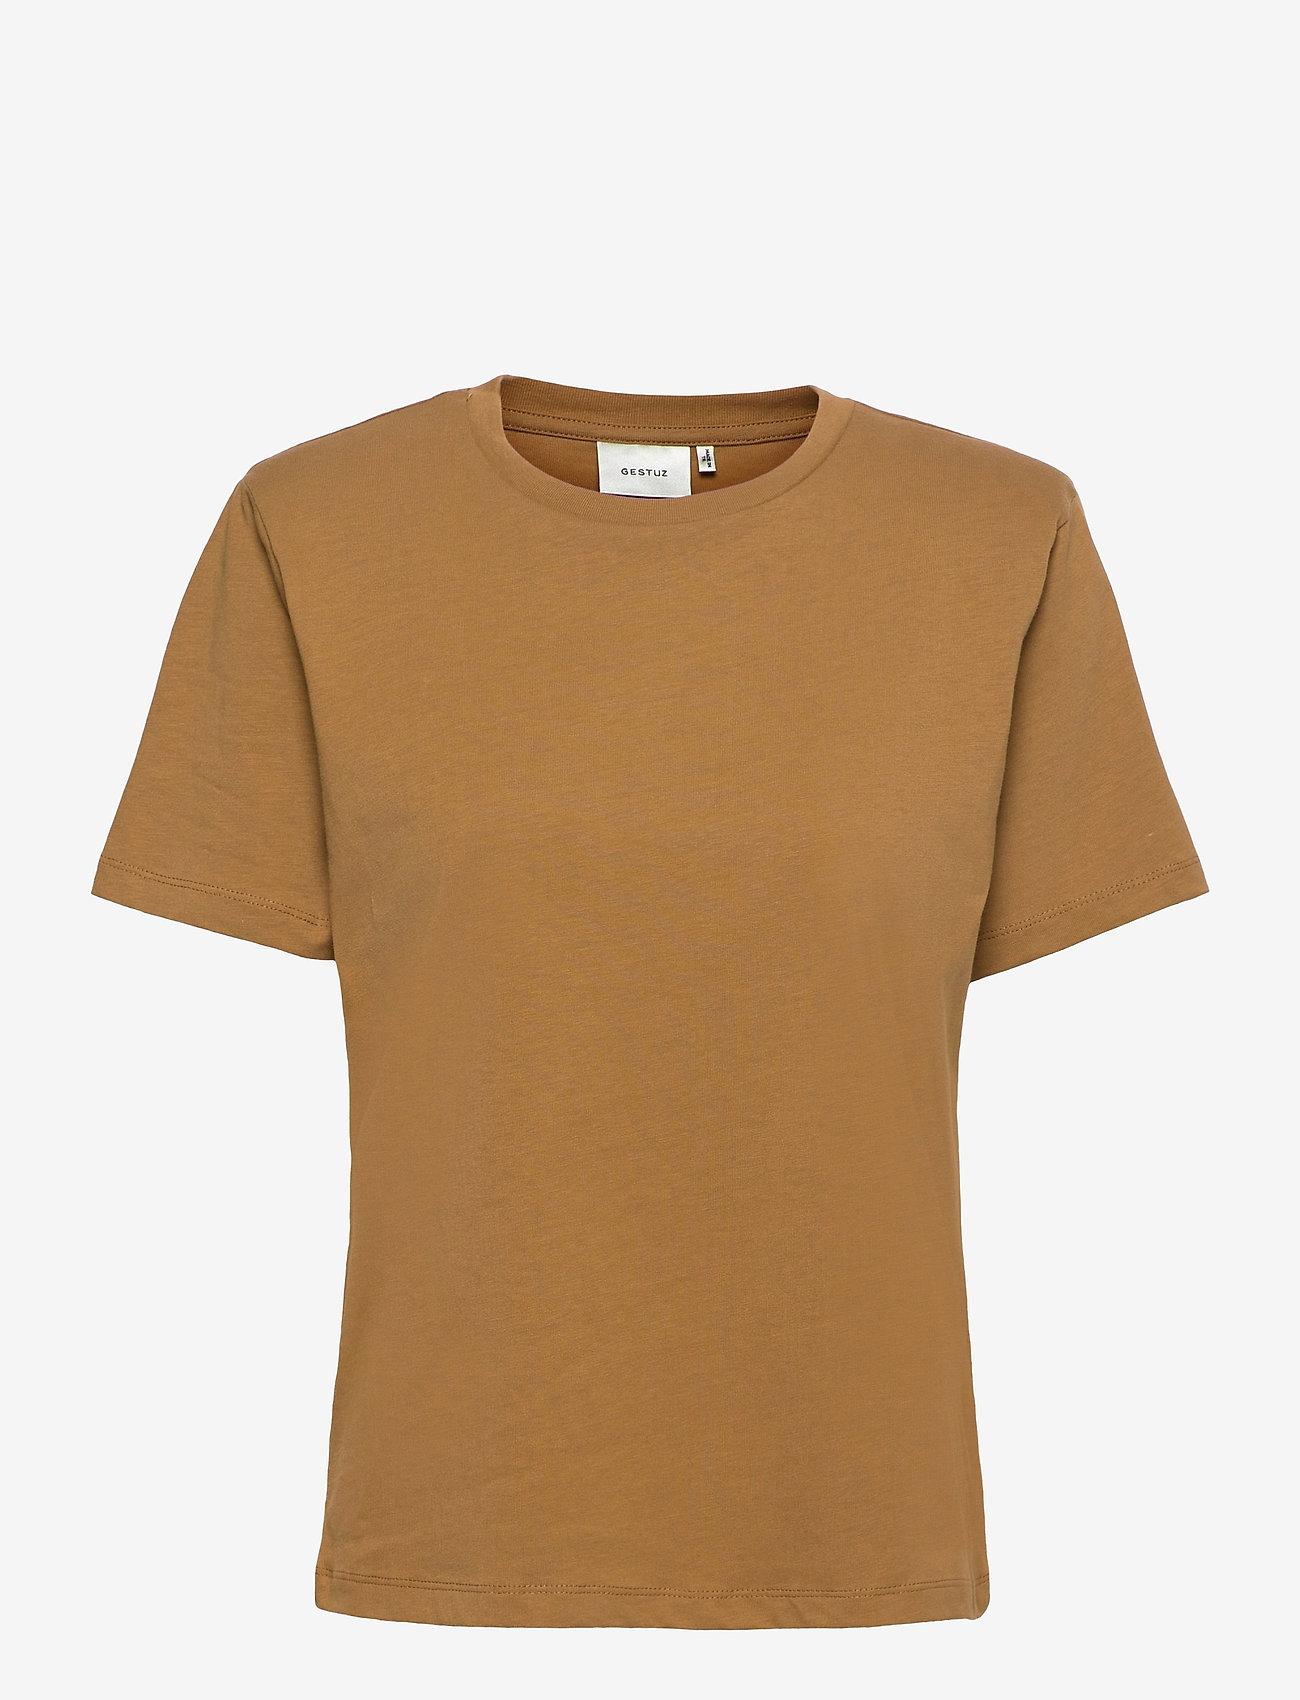 Gestuz - JoryGZ tee - t-shirts - bone brown - 1